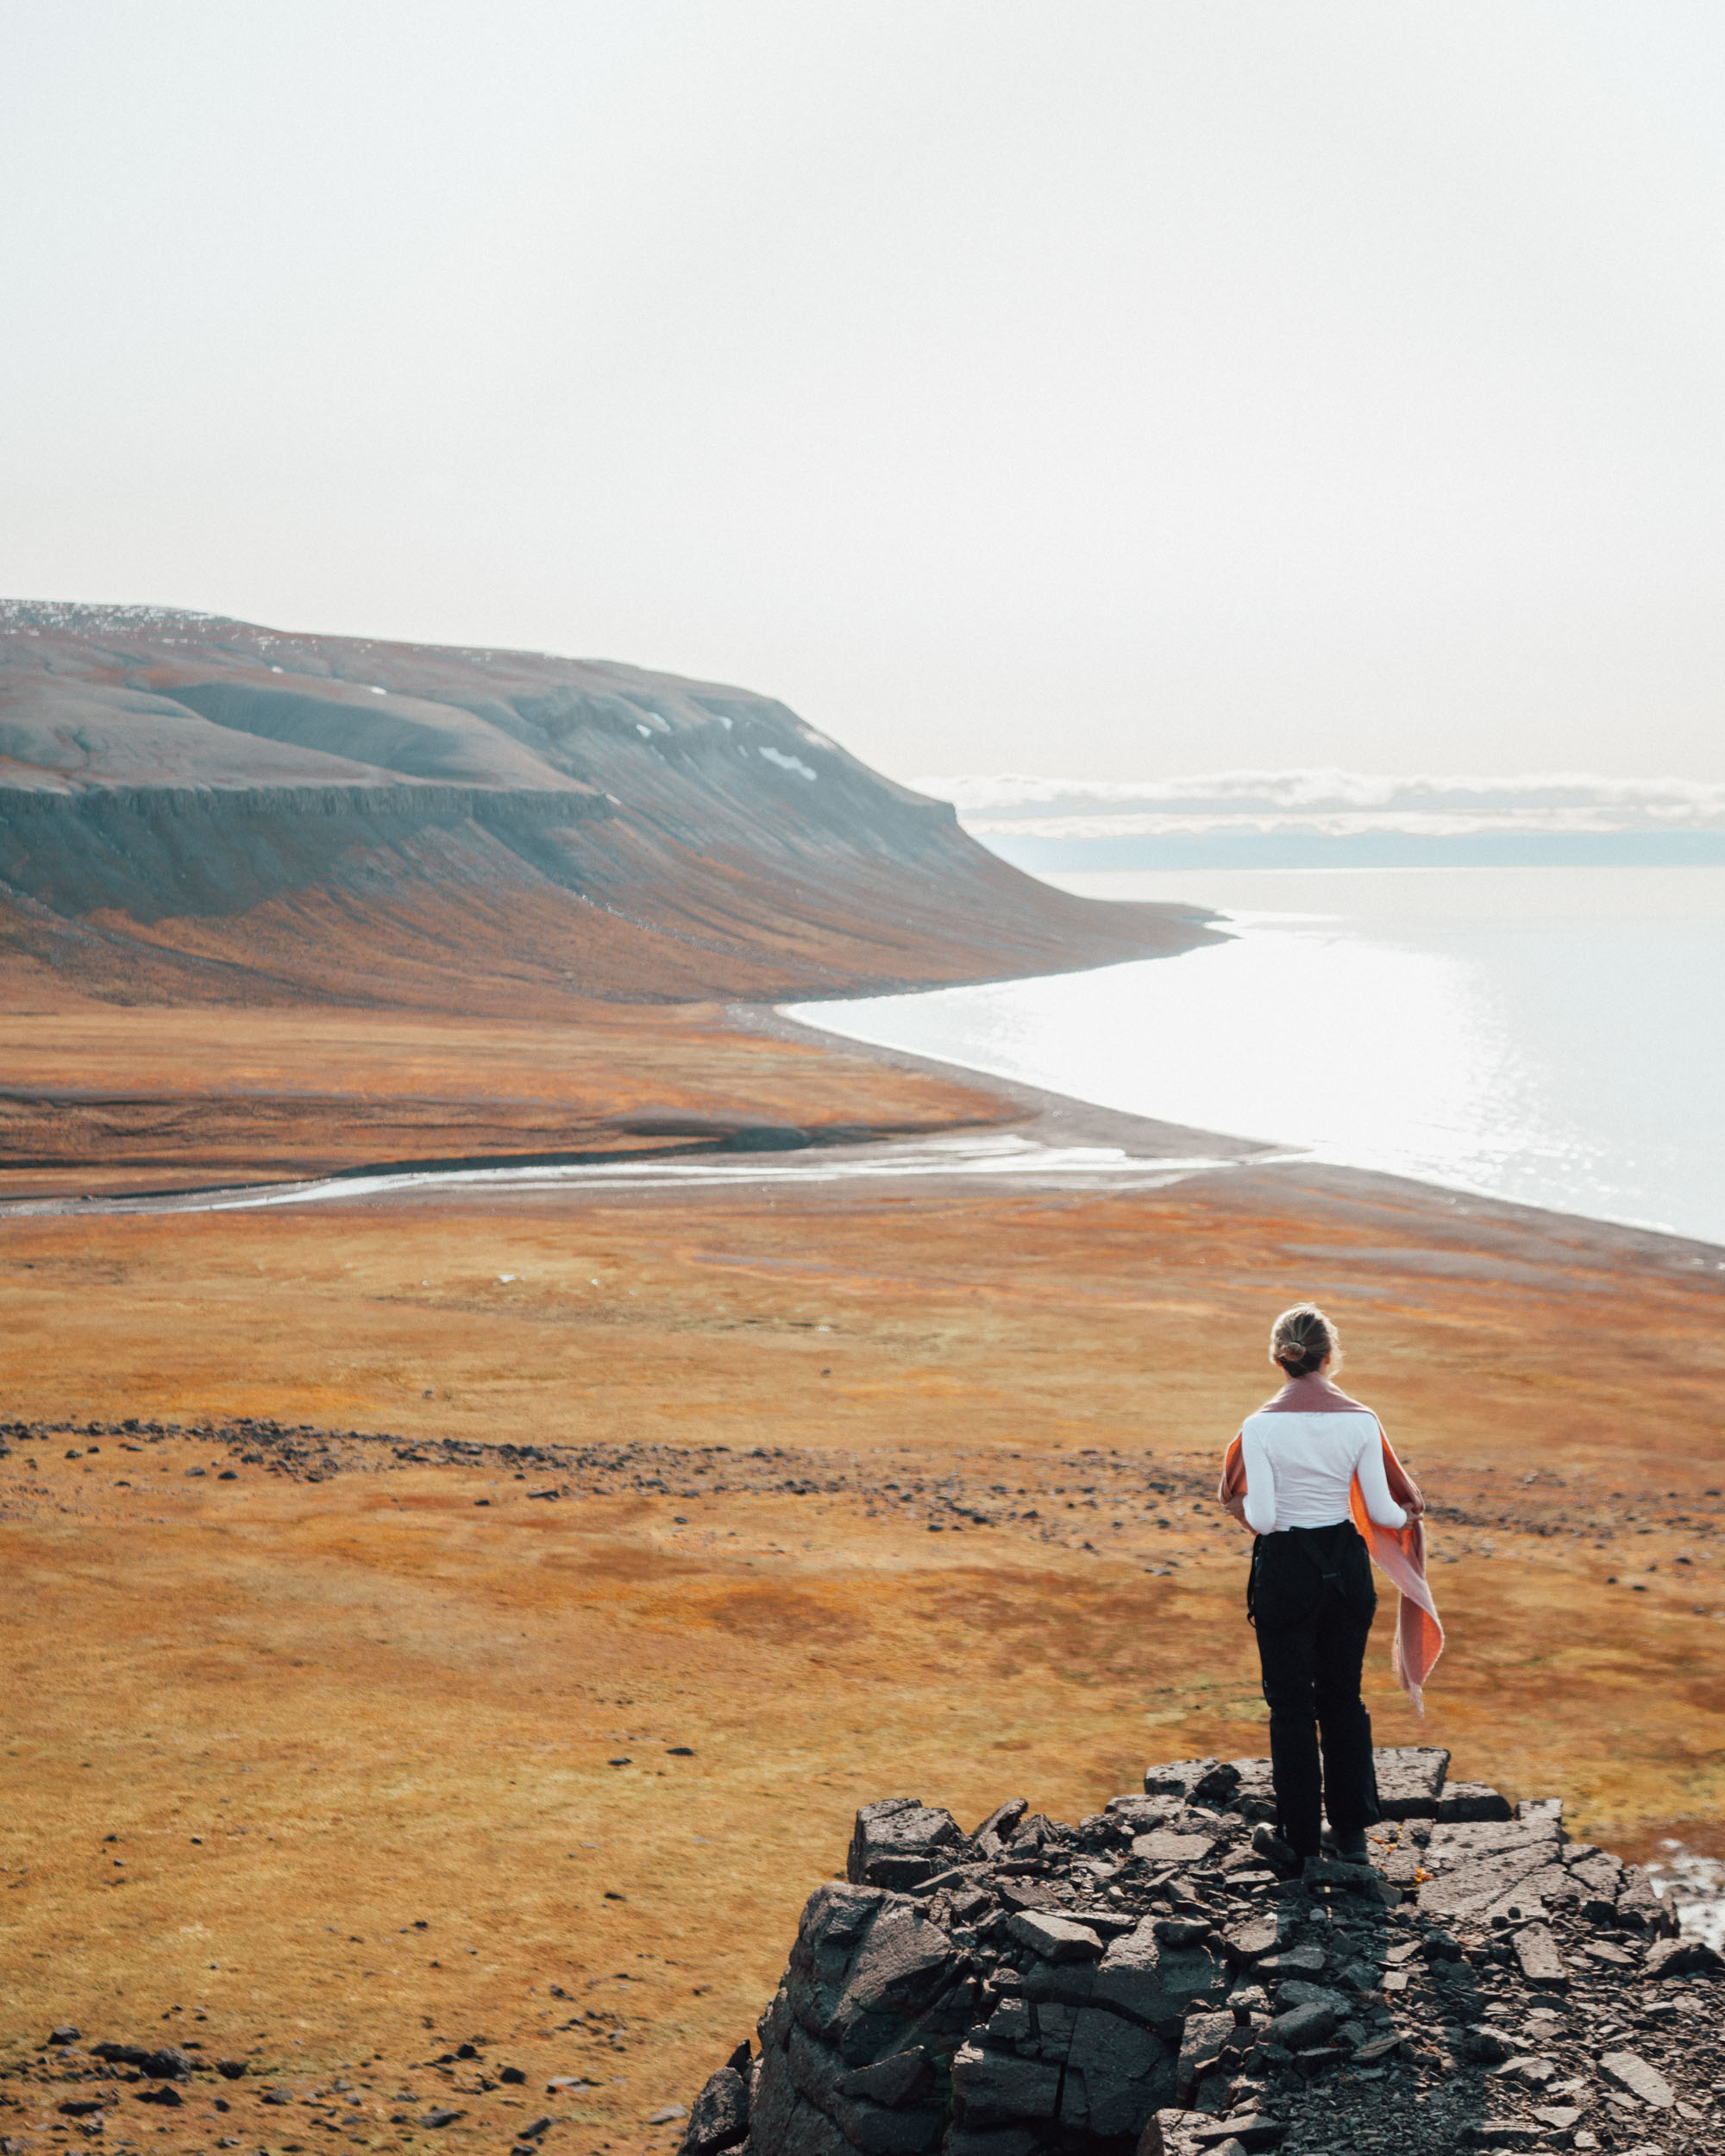 Overlook of reindeer valley in Spitsbergen, Svalbard, Norway